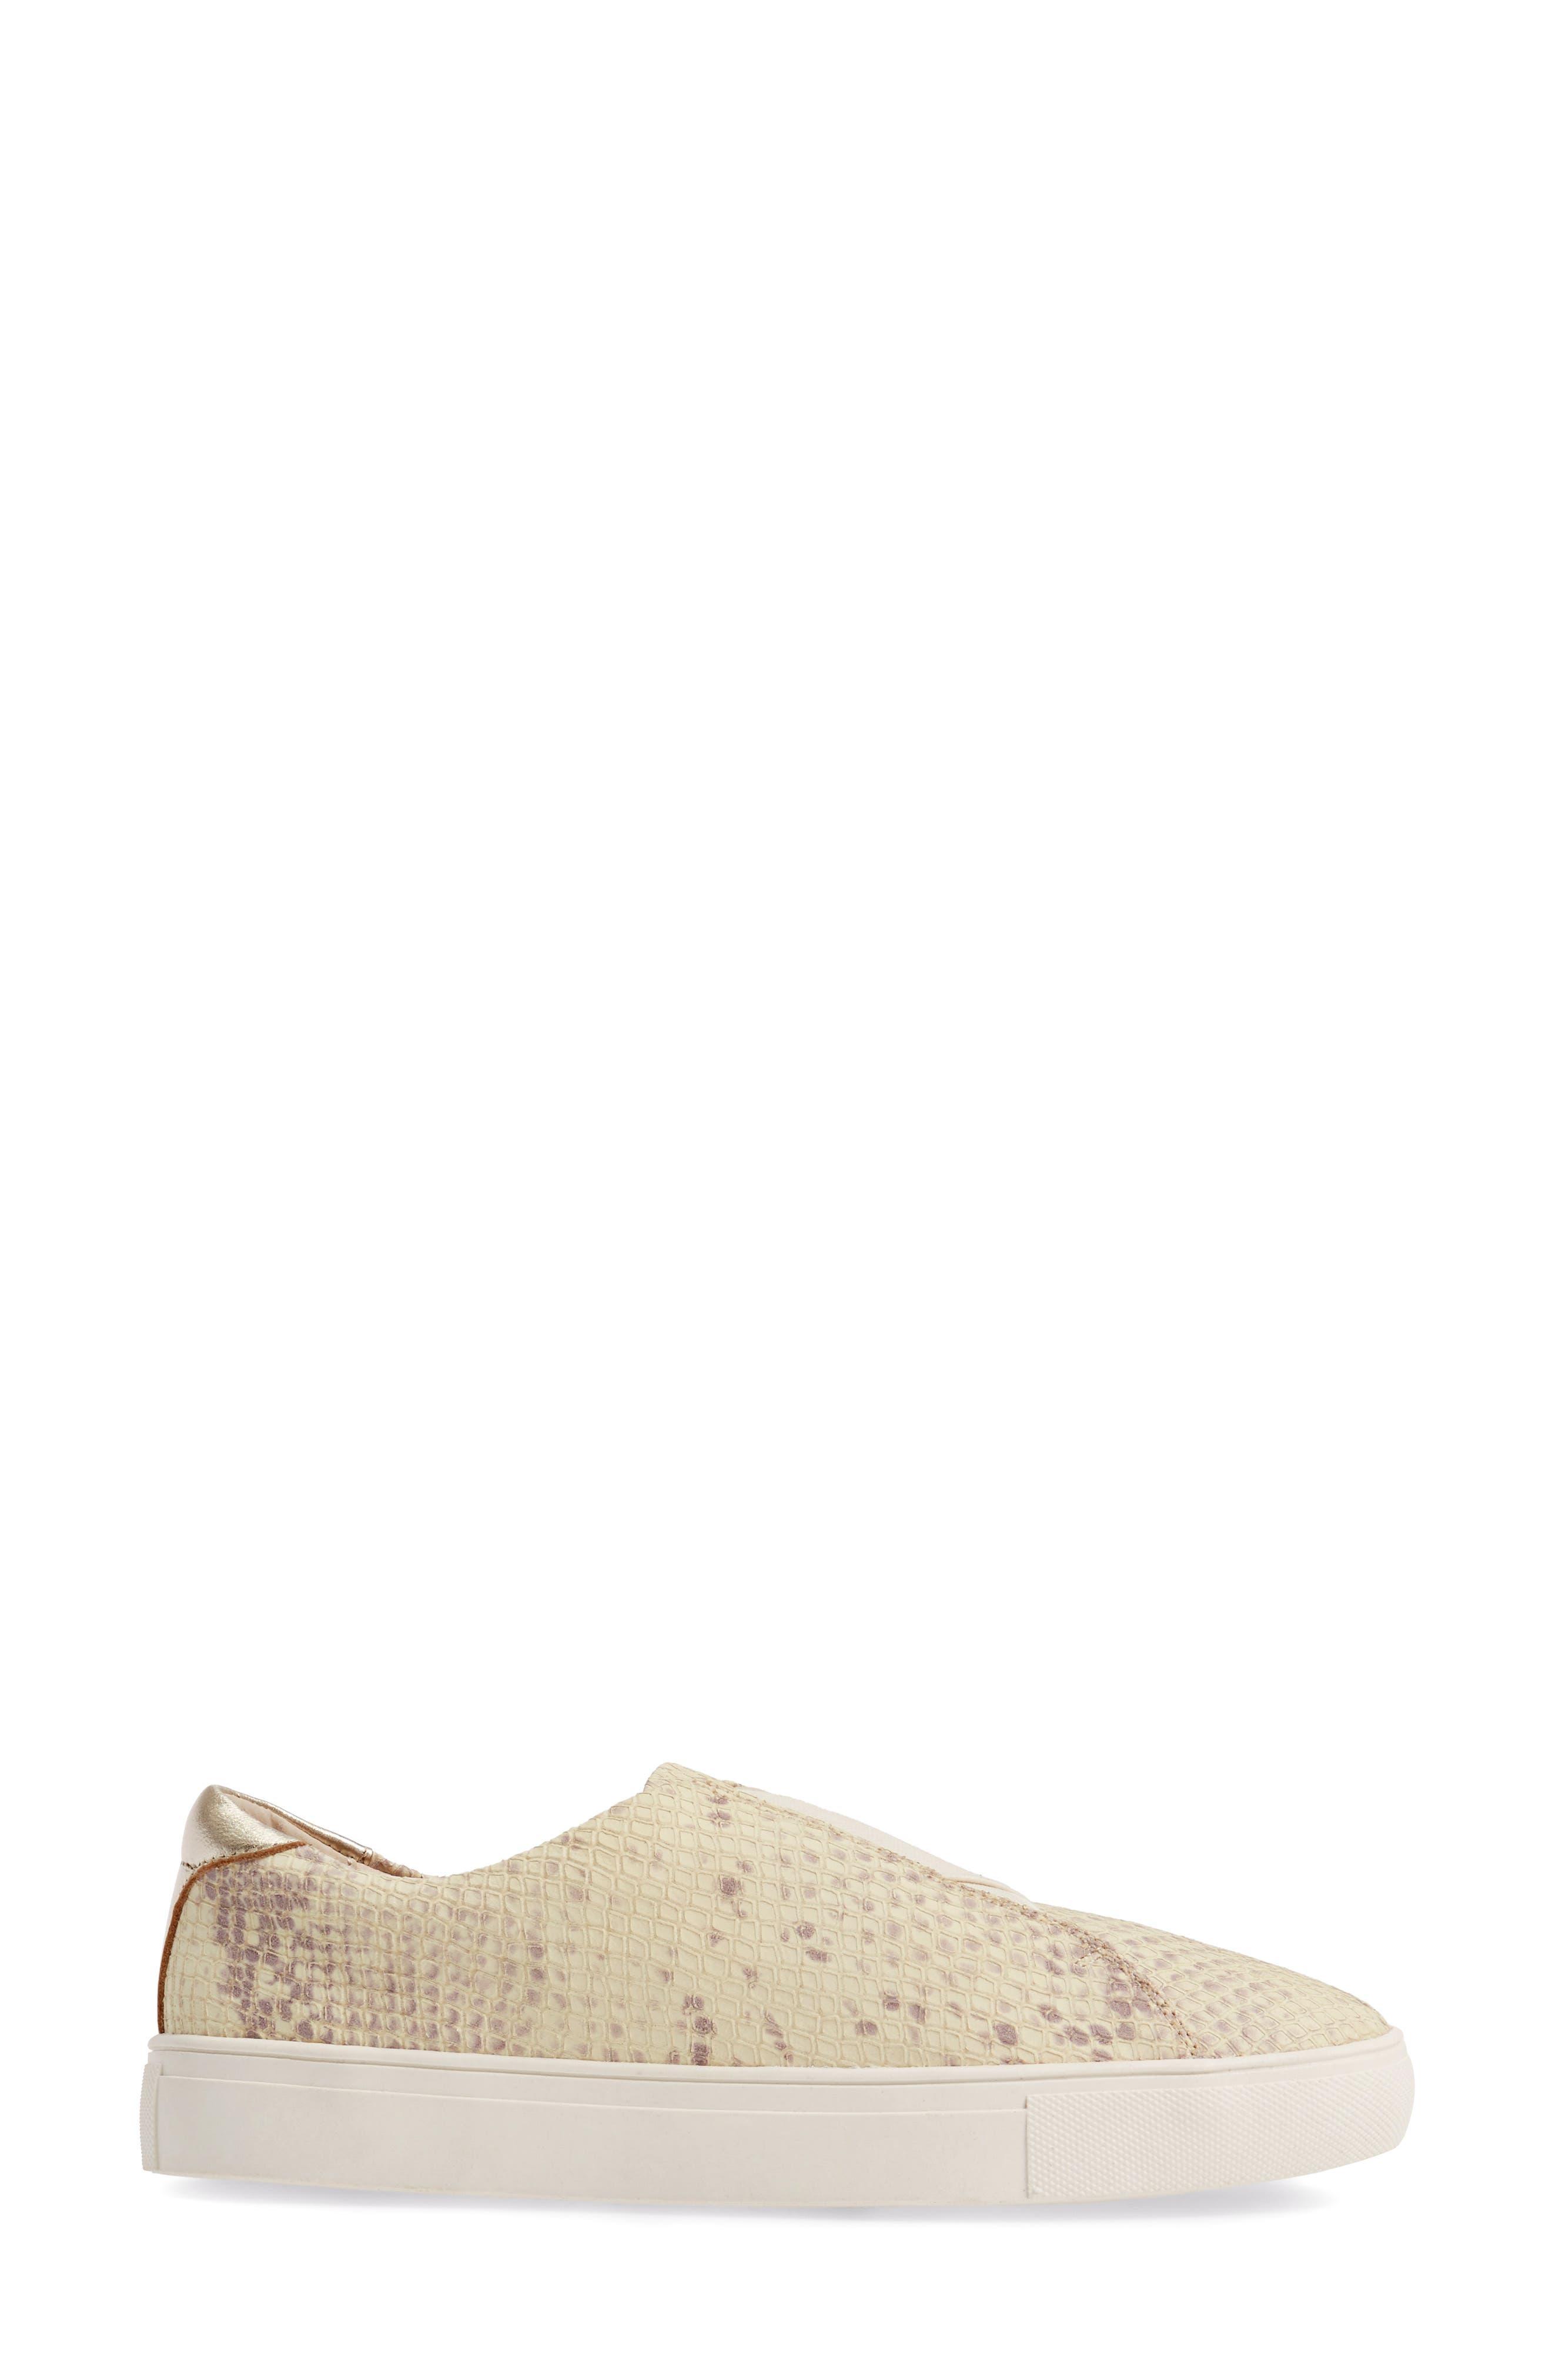 Alternate Image 3  - Sudina Giana Slip-On Sneaker (Women)